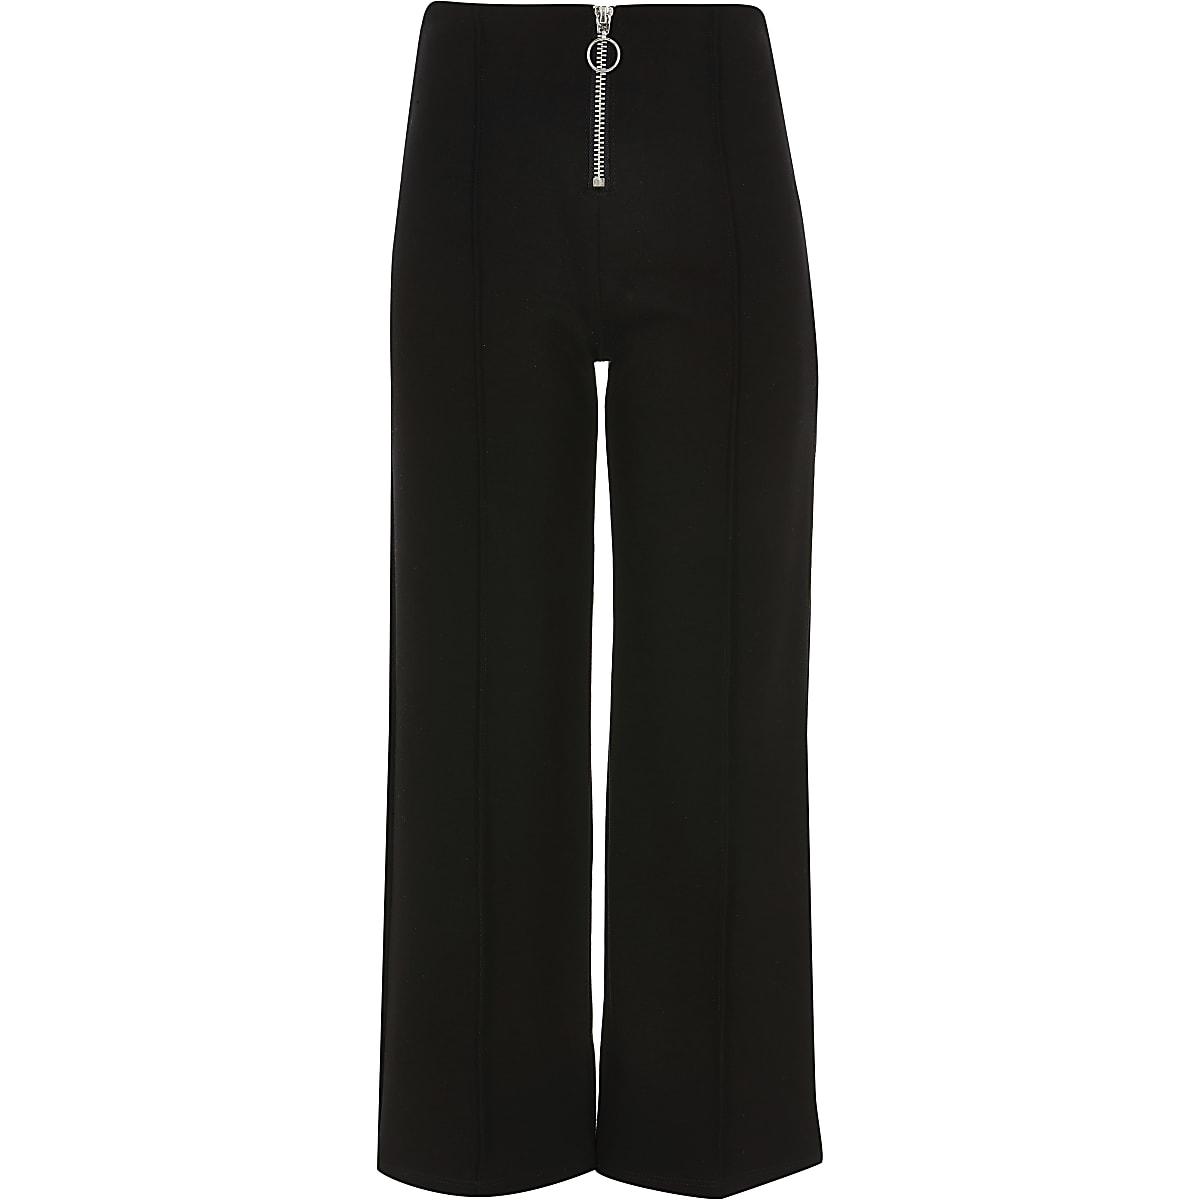 Pantalon noir zippé devant façon jupe-culotte pour fille